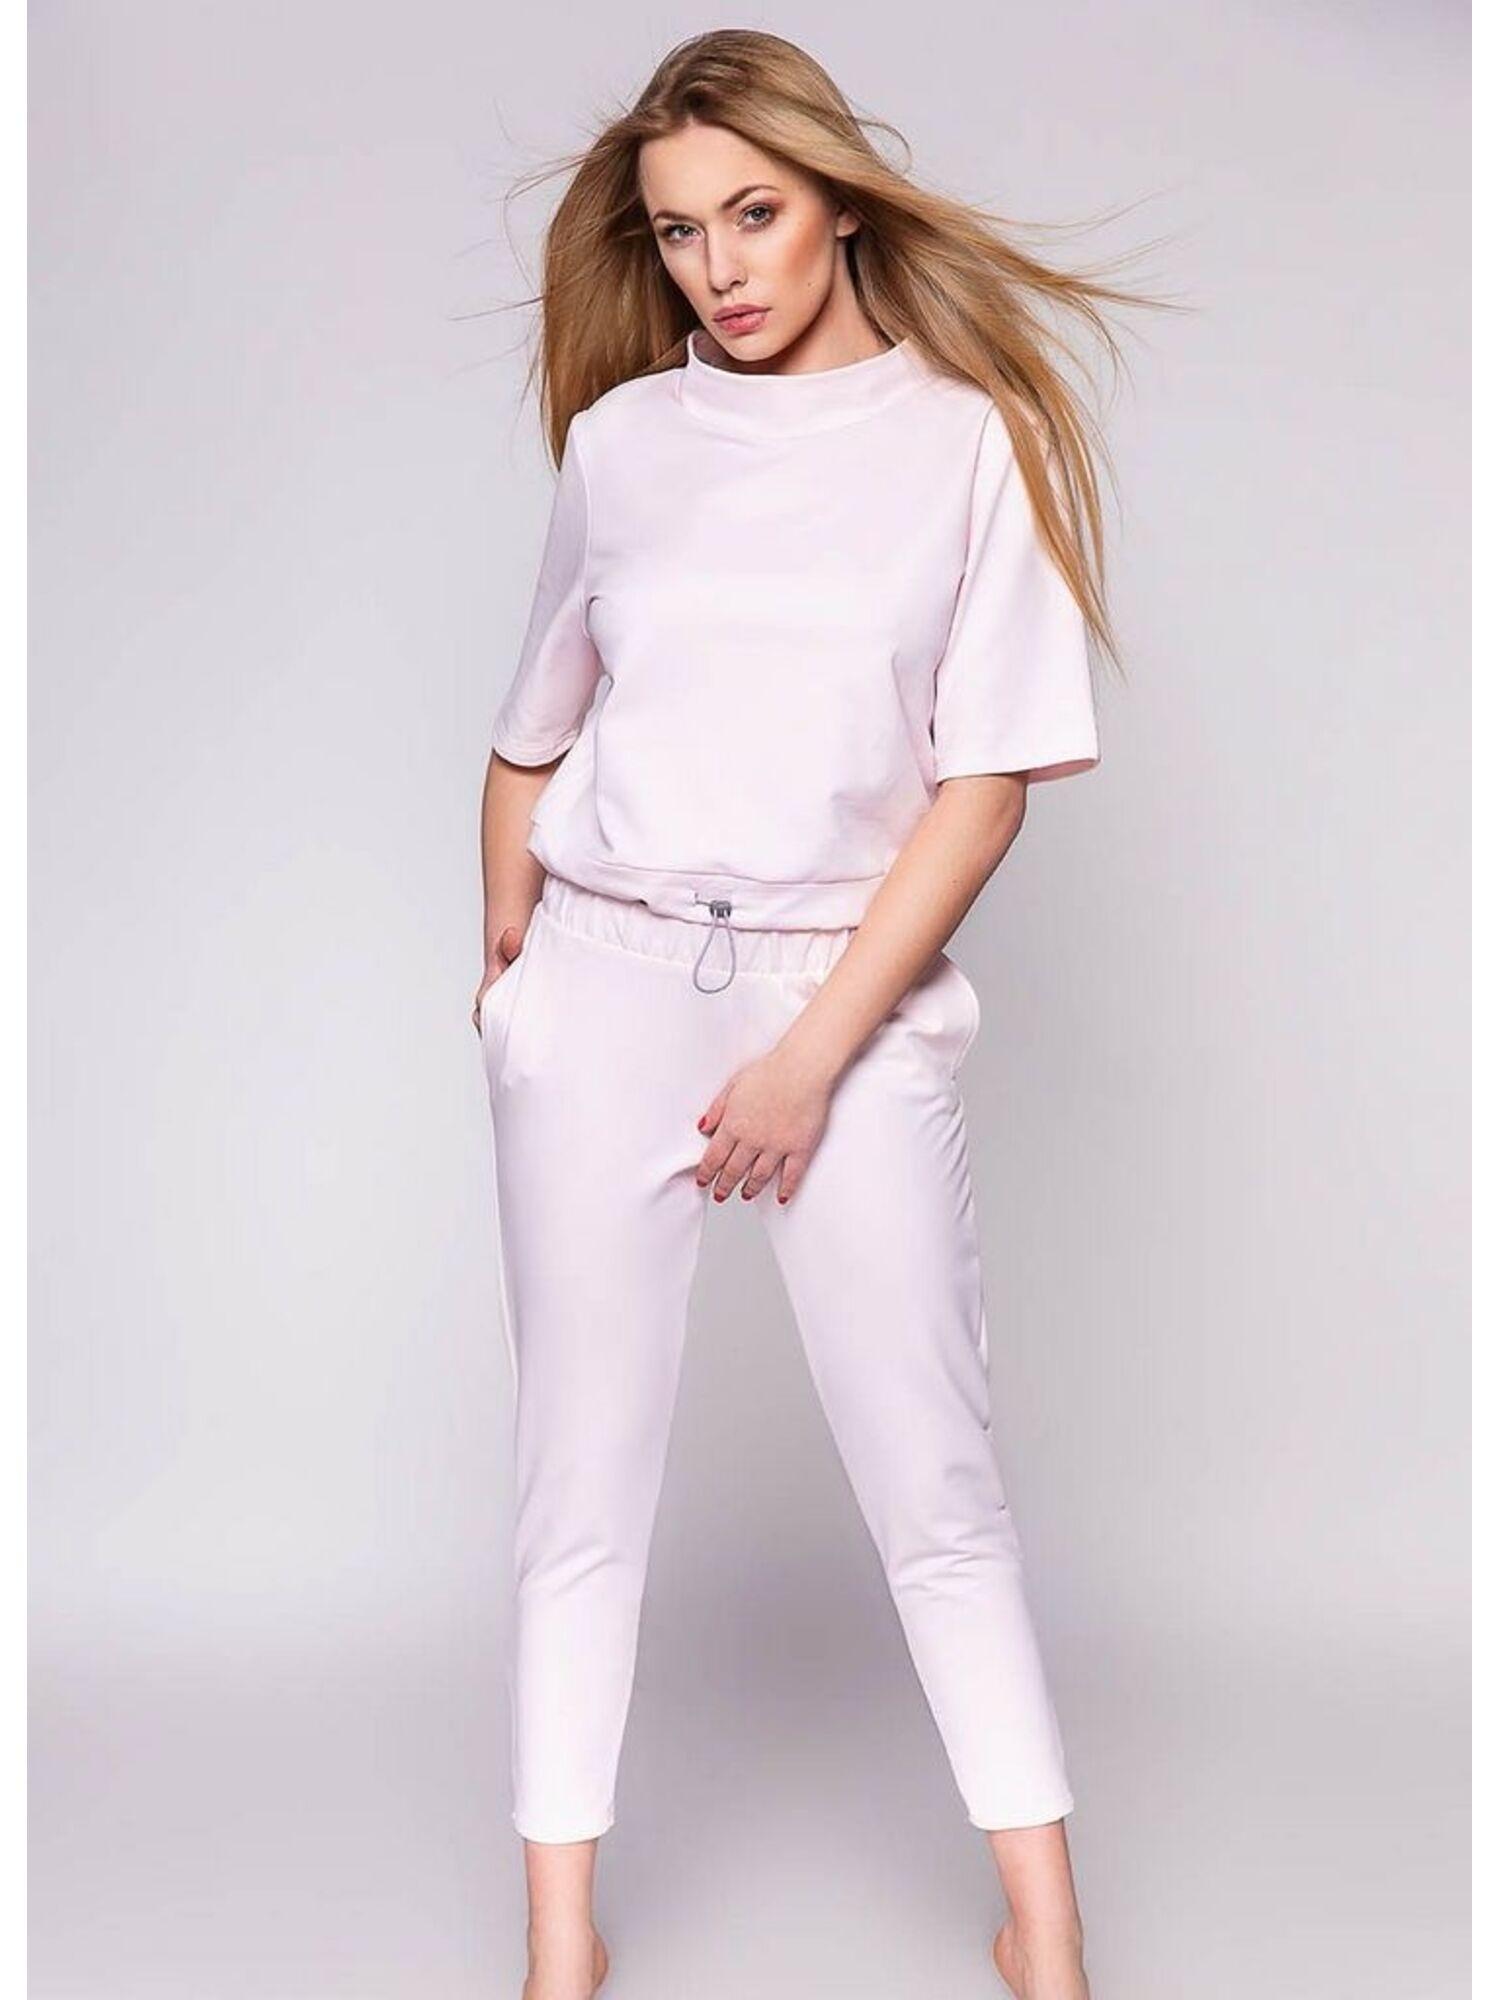 Комплект женский хлопковый со штанами VIRGINIA, розовый, SENSIS